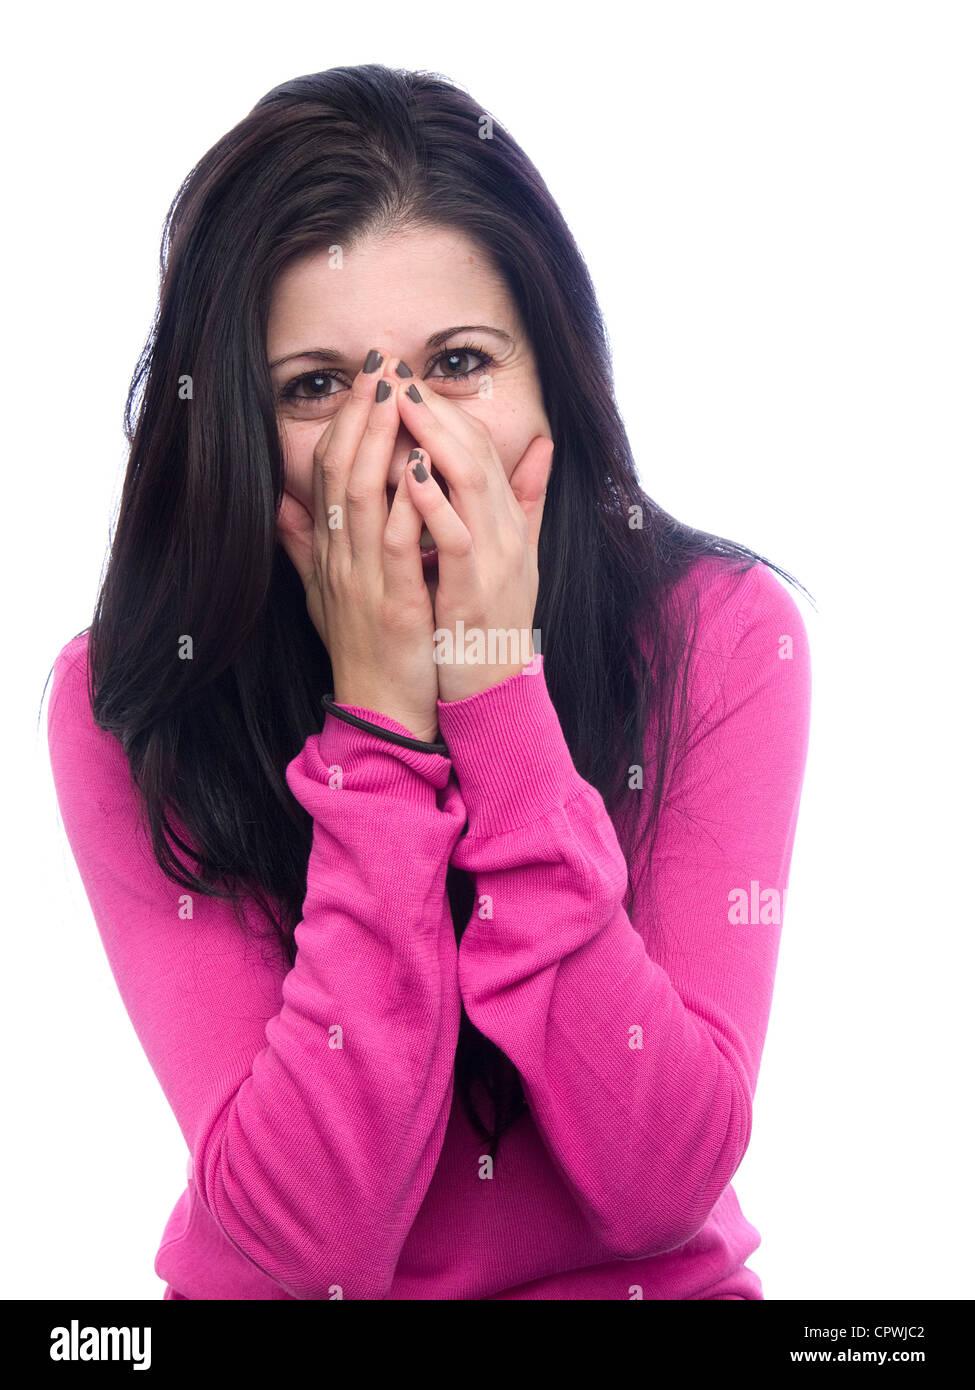 Retrato de mujer joven tímido con las manos cubriendo cara Imagen De Stock